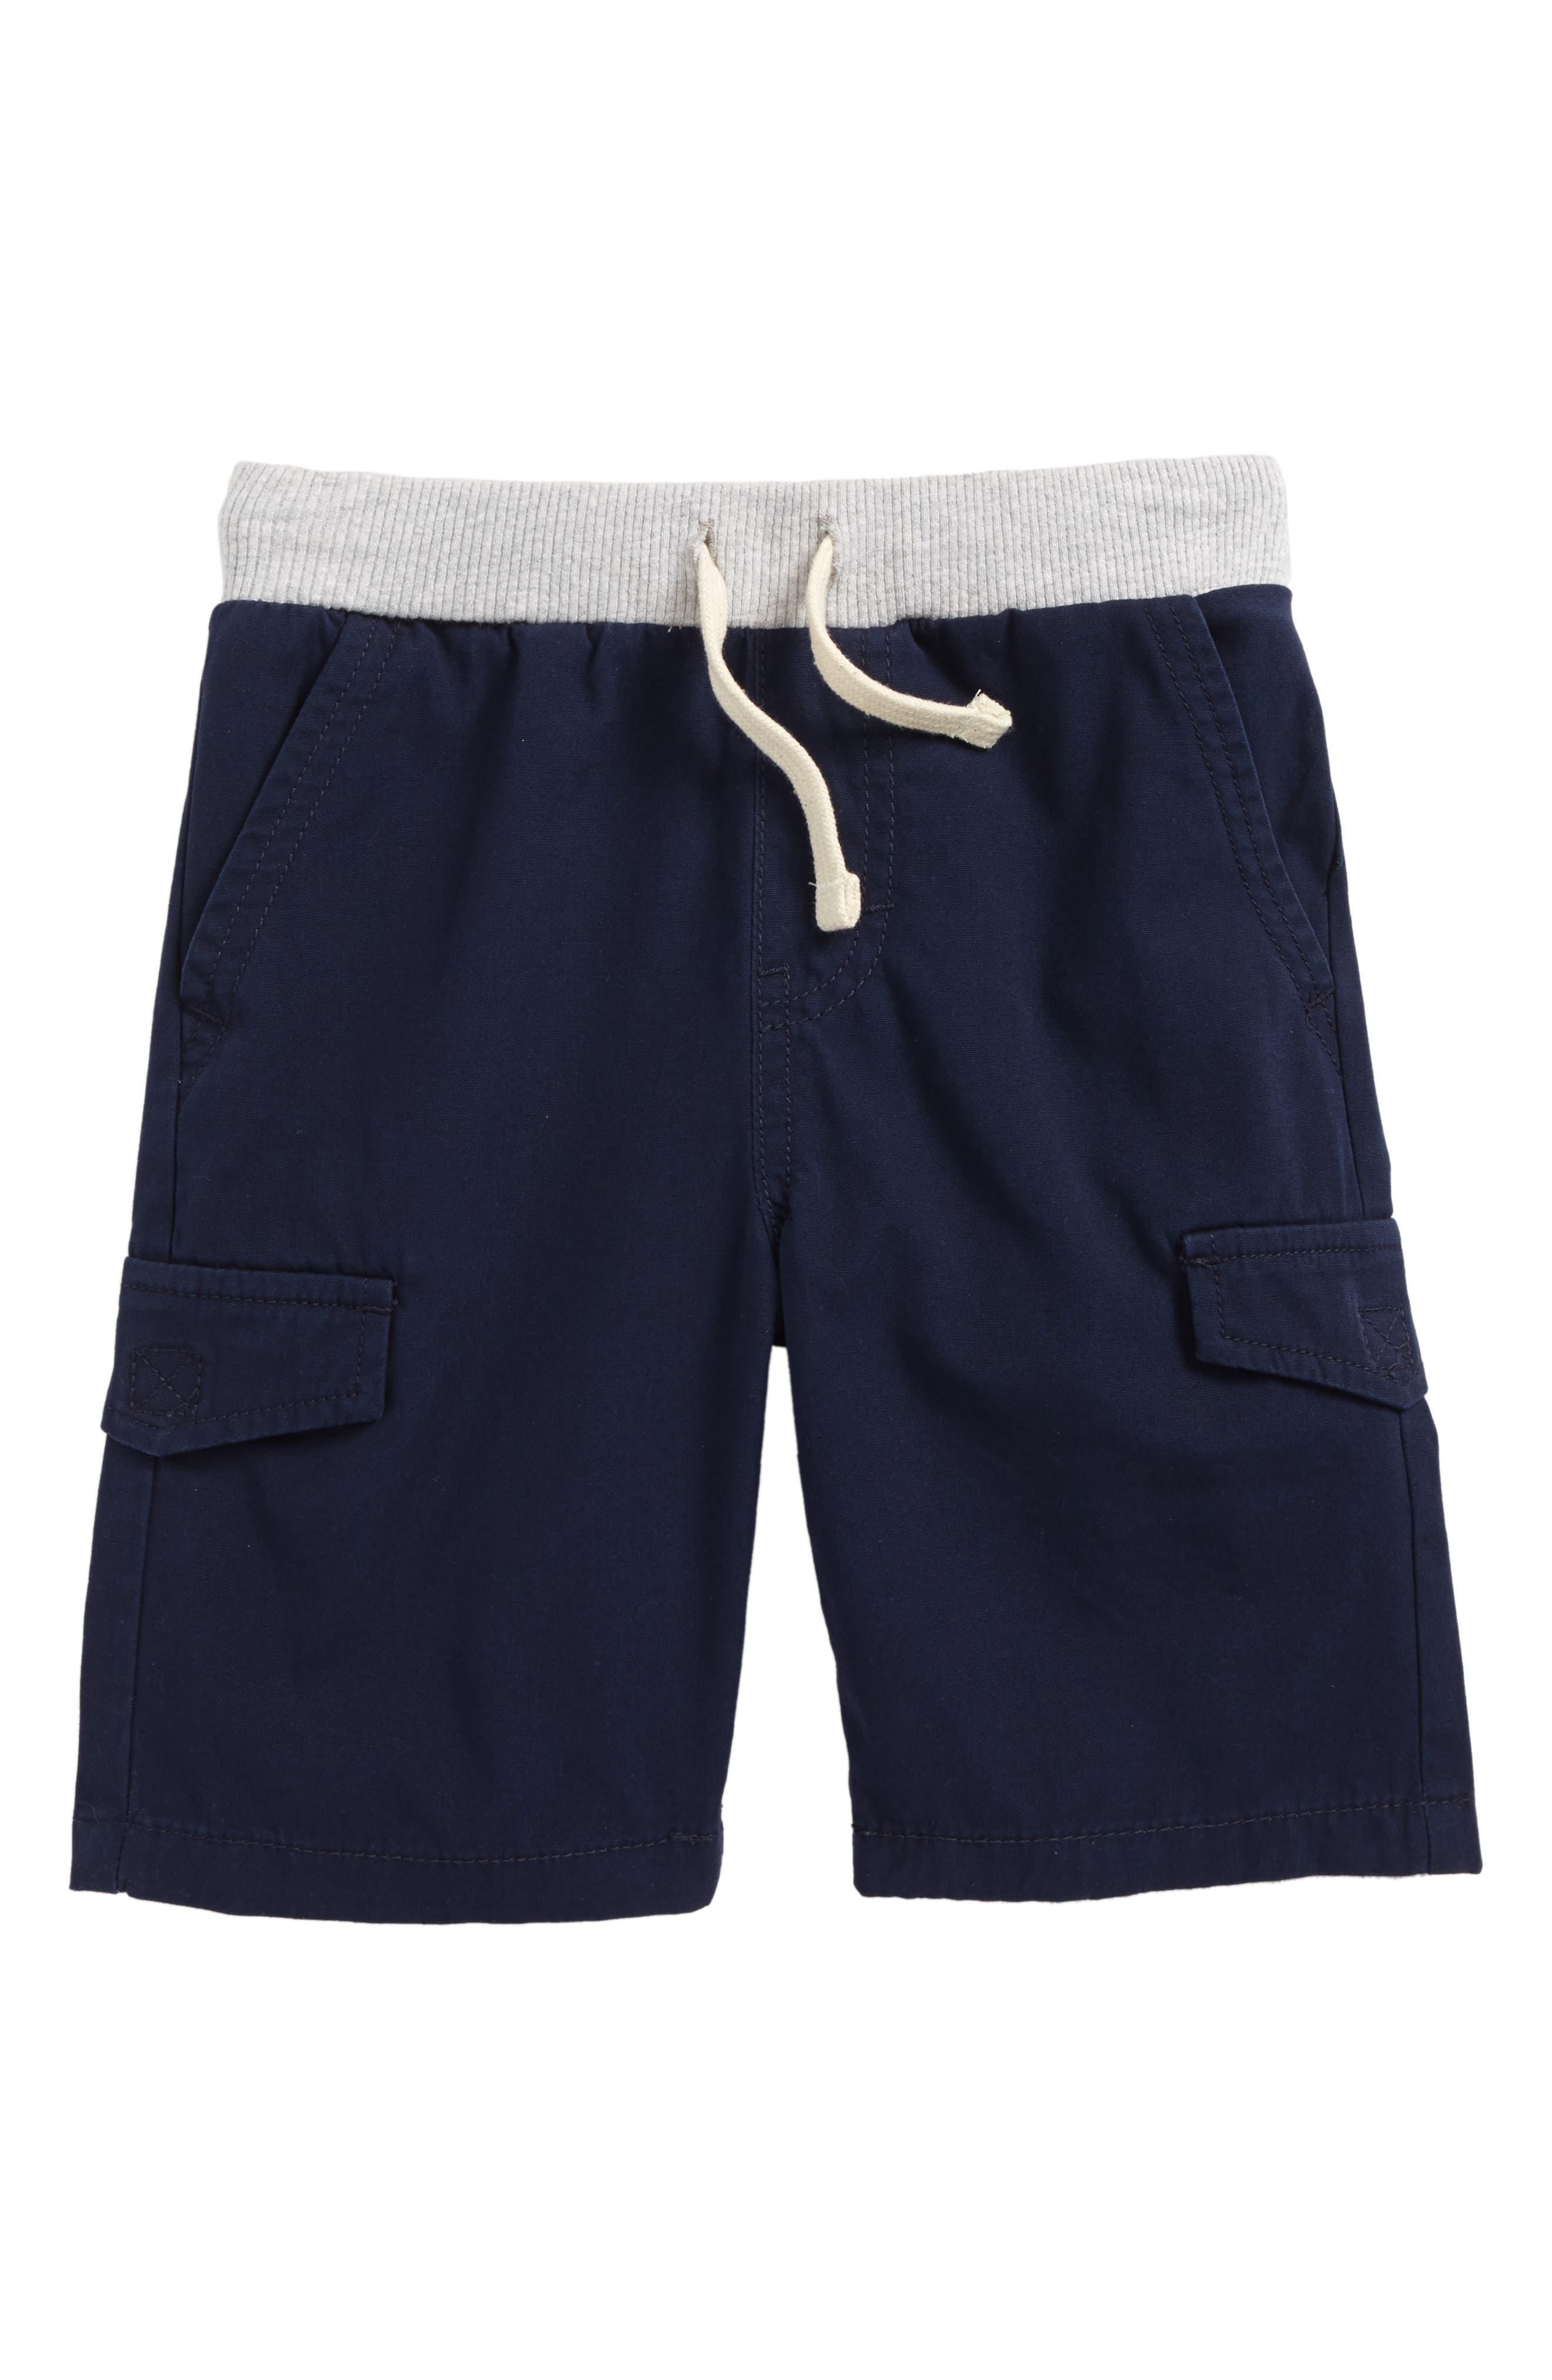 Ribbed Waist Utility Shorts,                             Main thumbnail 1, color,                             411